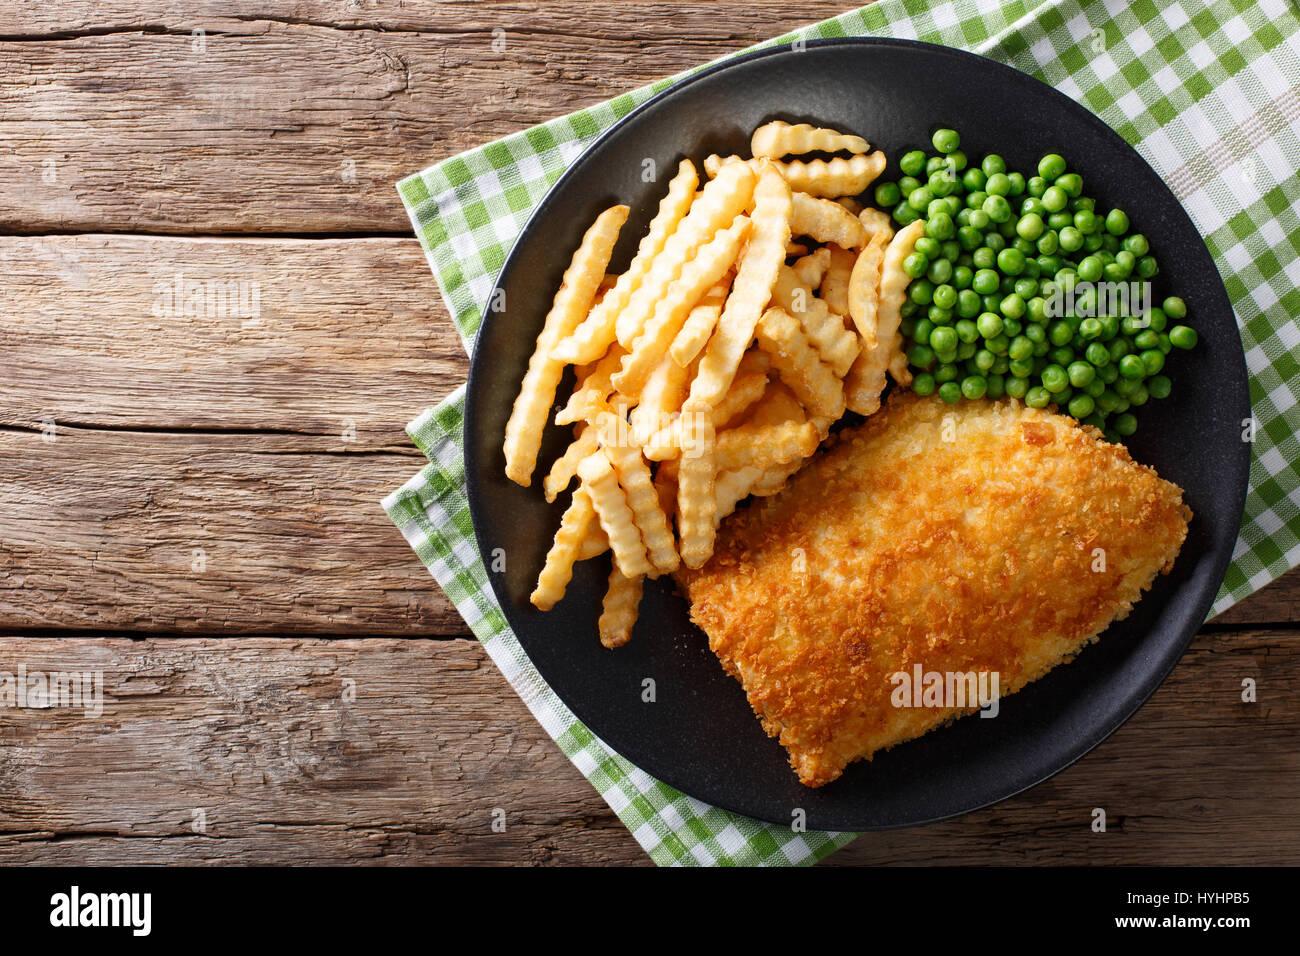 Cibi tradizionali inglesi: pesce e patatine con piselli verdi close-up su una piastra su un tavolo. vista orizzontale Immagini Stock